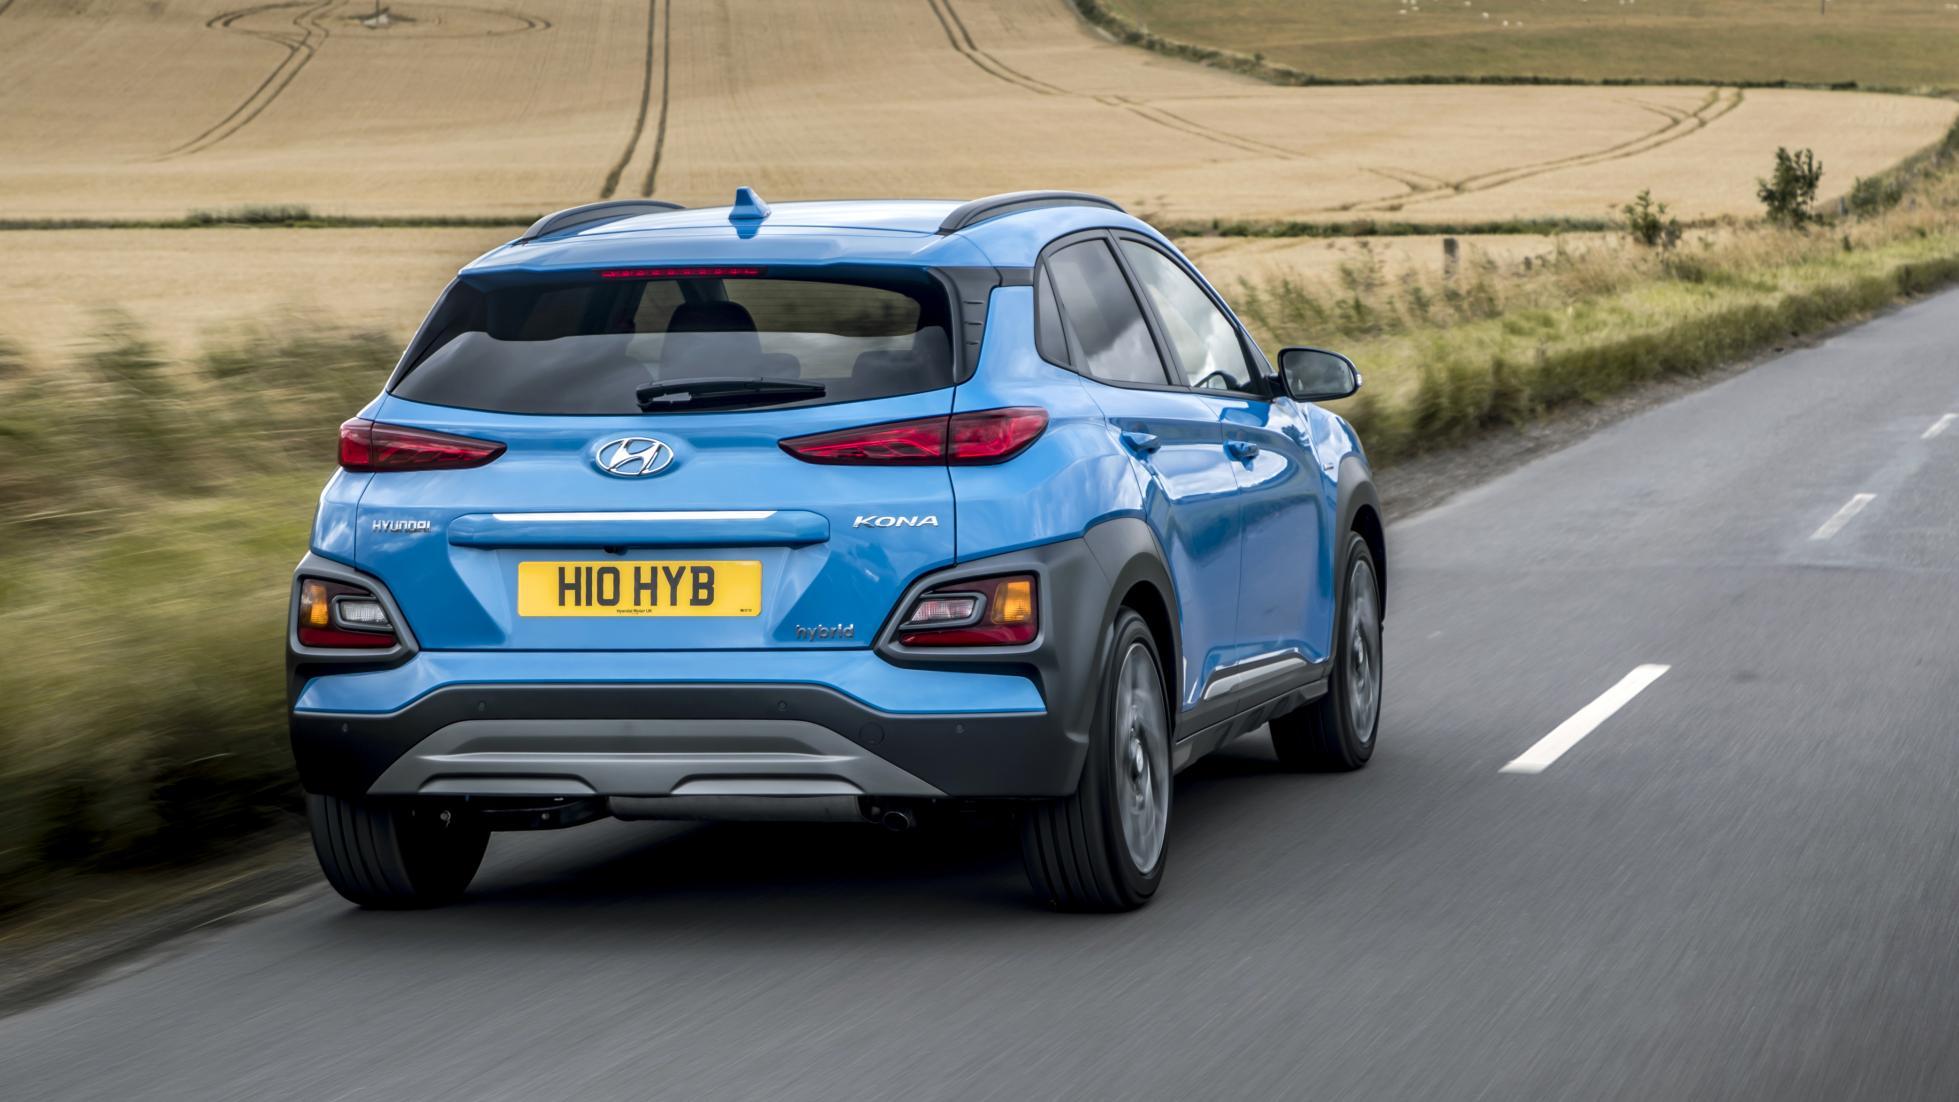 Hyundai Kona sẽ có thêm phiên bản Hybrid tại châu Âu - 5